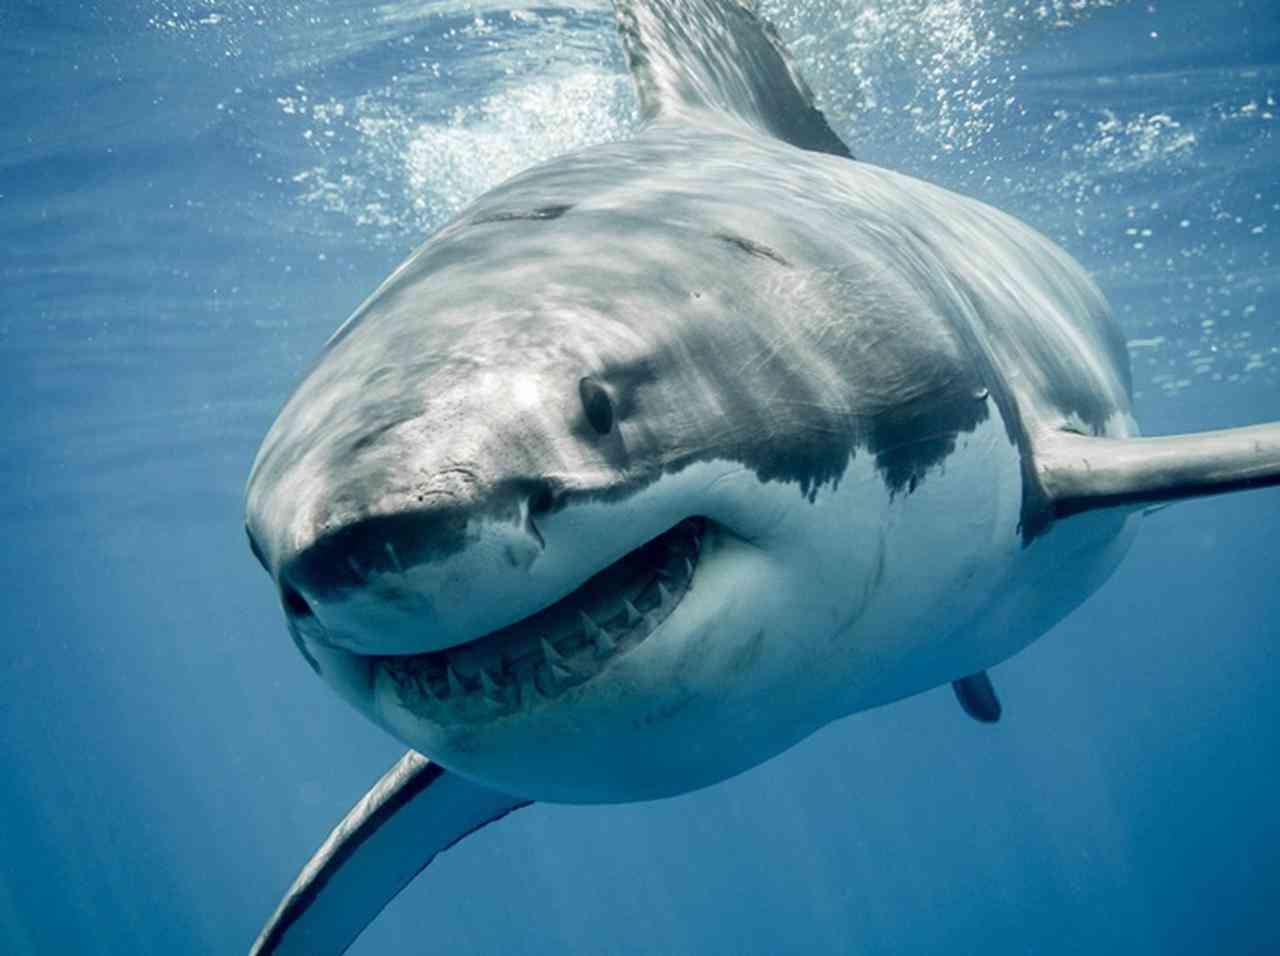 女性インスタグラマー、SNS用写真を撮影中にサメに襲われる【写真あり】 - FRONTROW